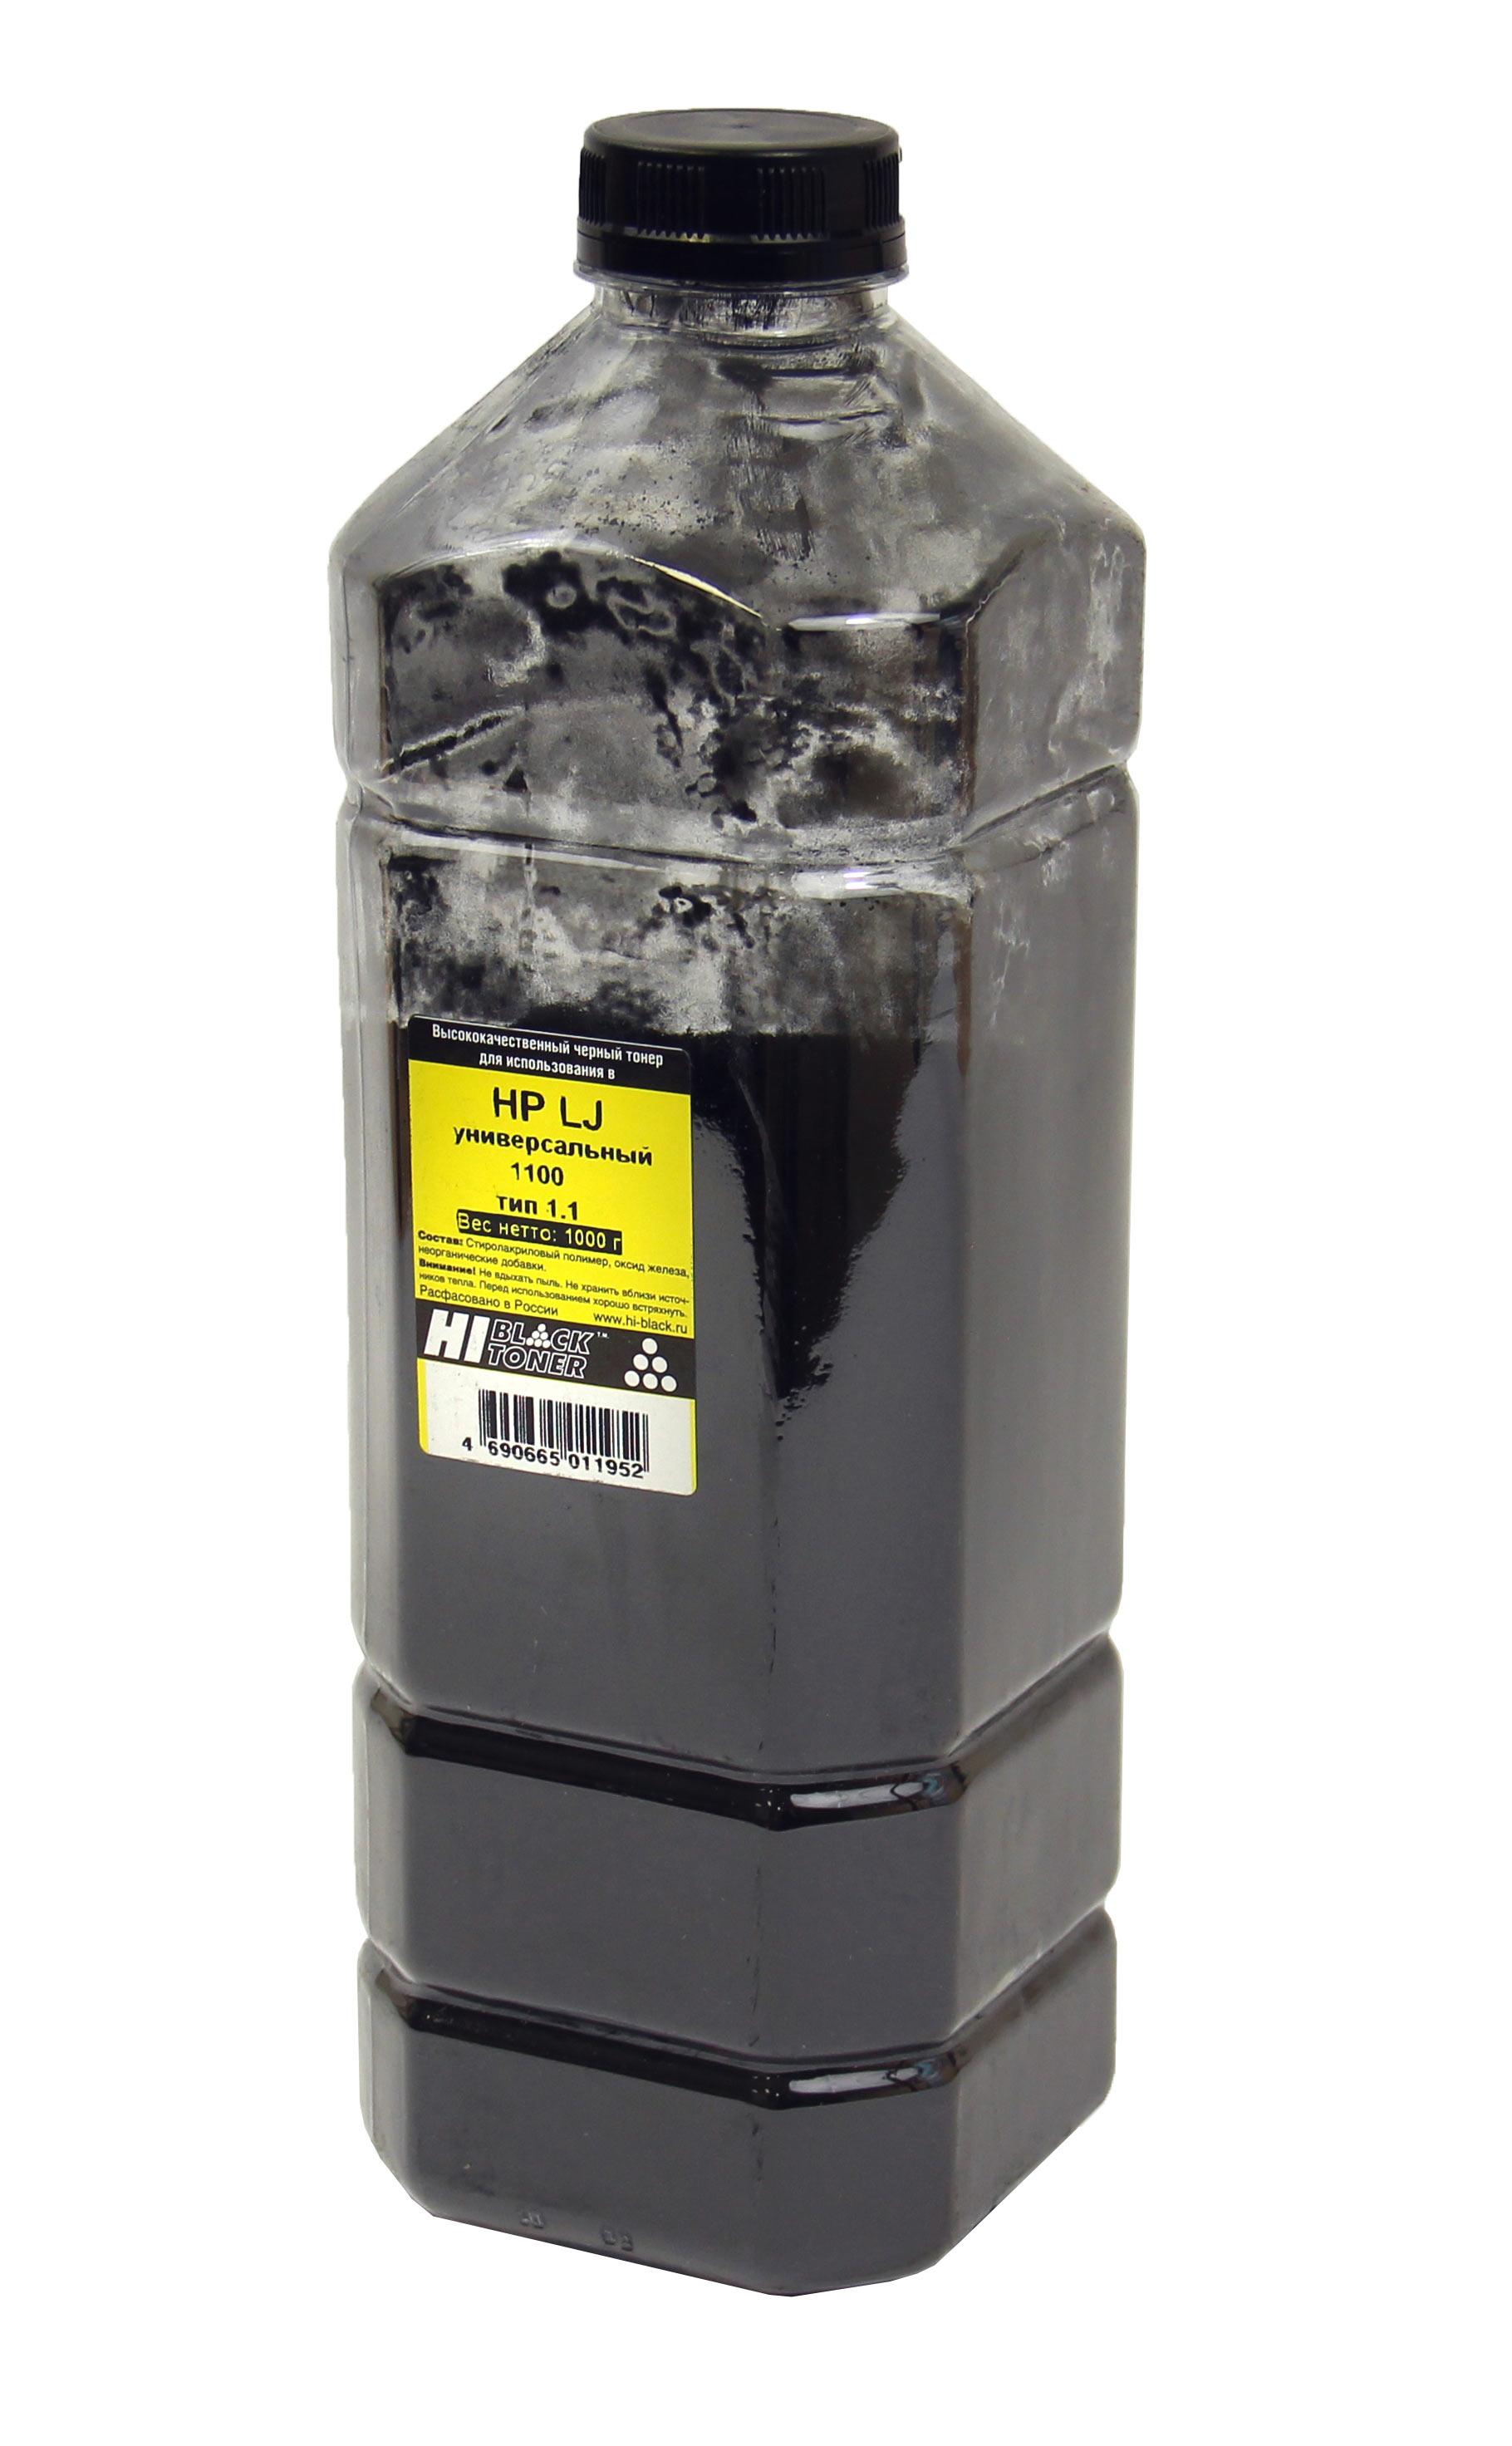 Тонер Hi-Black Универсальный для HP LJ 1100, Тип 1.1, Bk, 1 кг, канистра